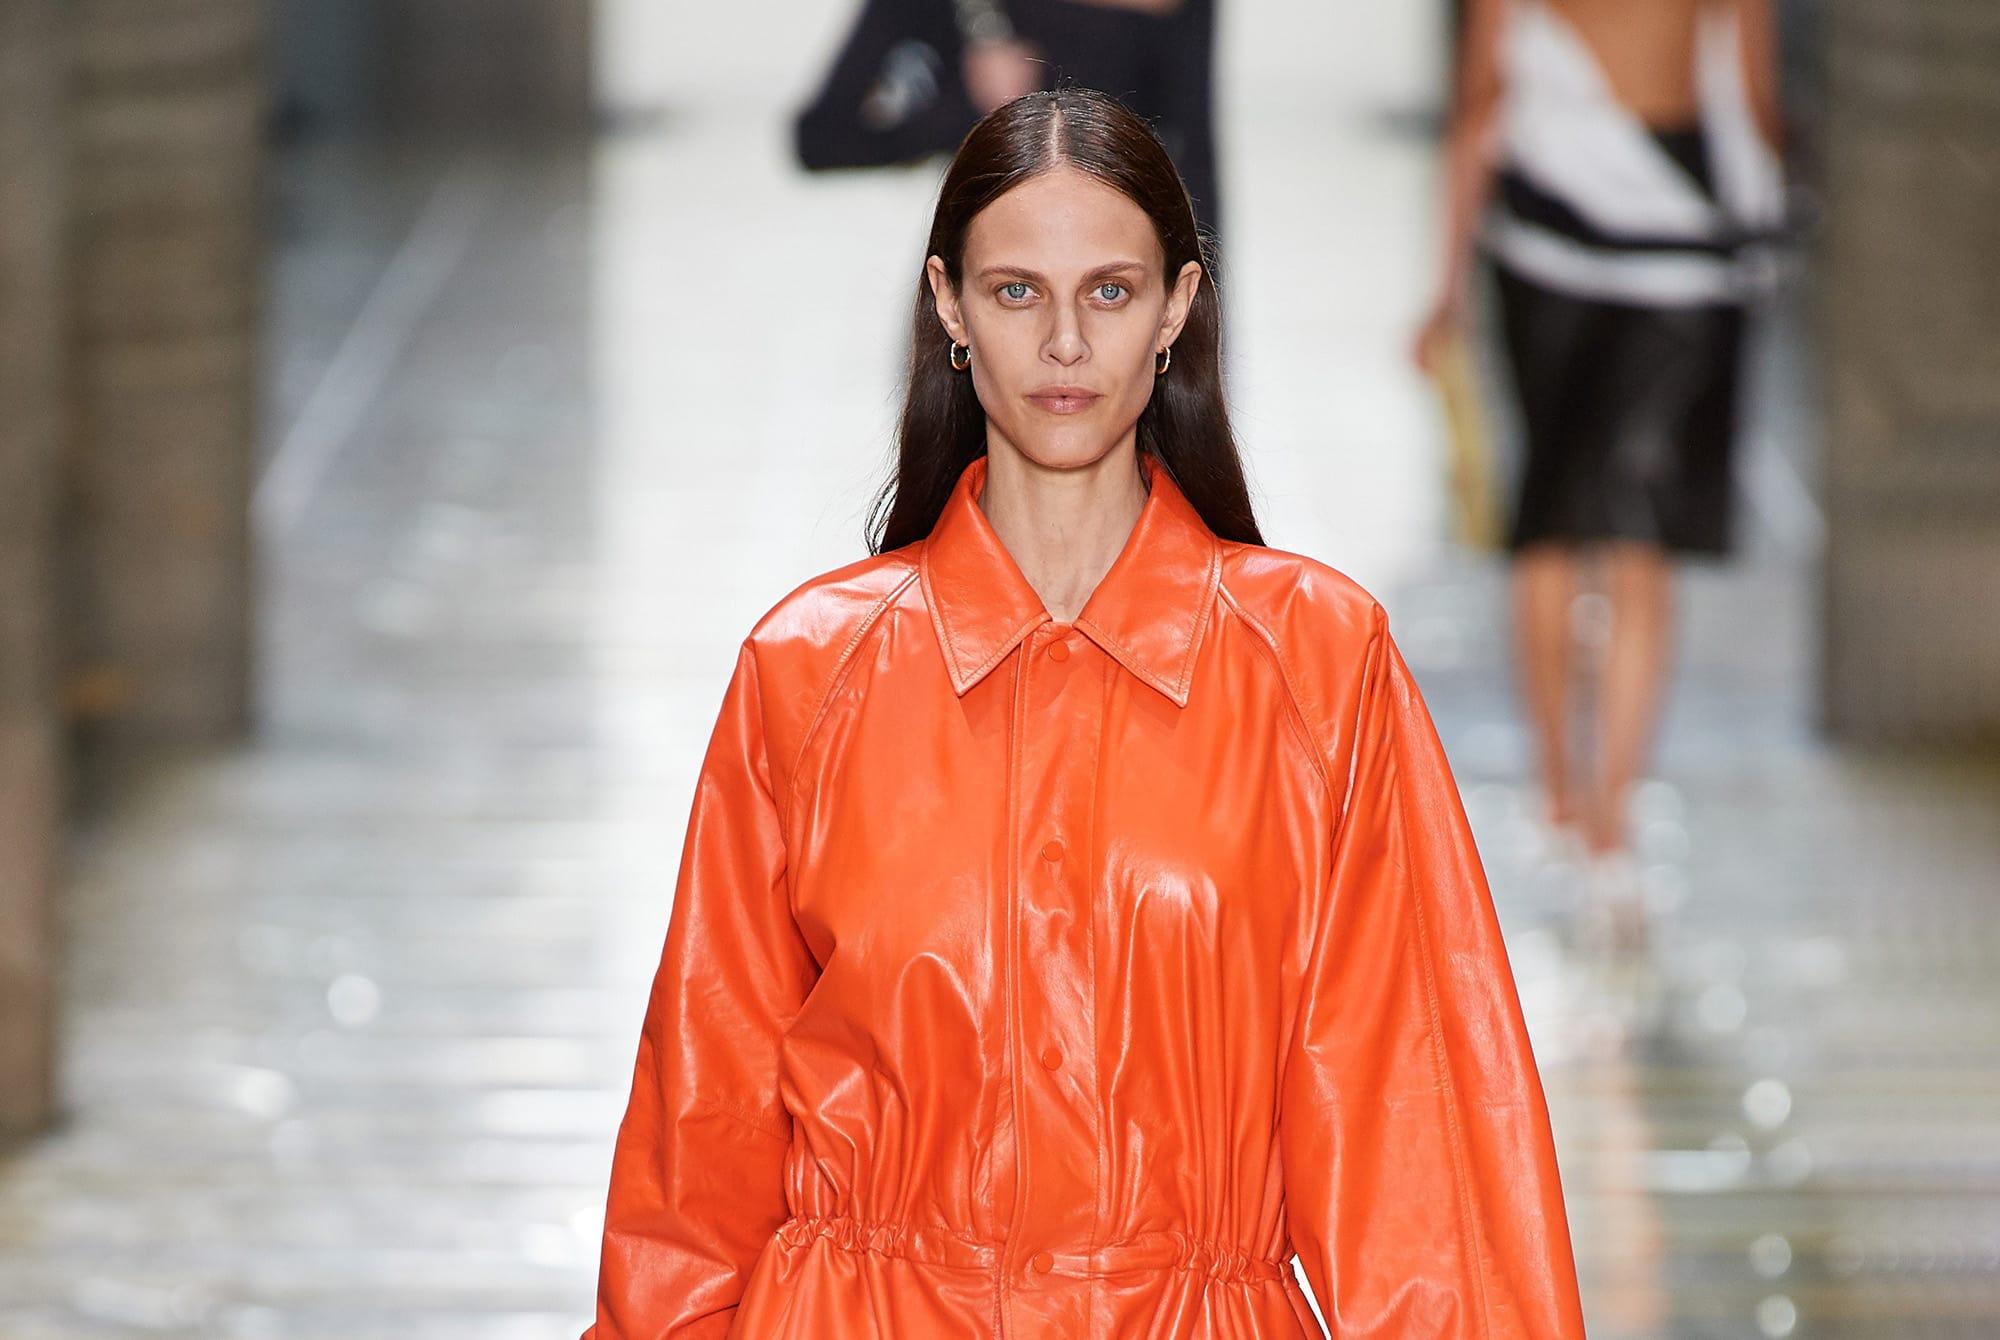 Новая глава в истории Bottega Veneta на весеннем показе 2020